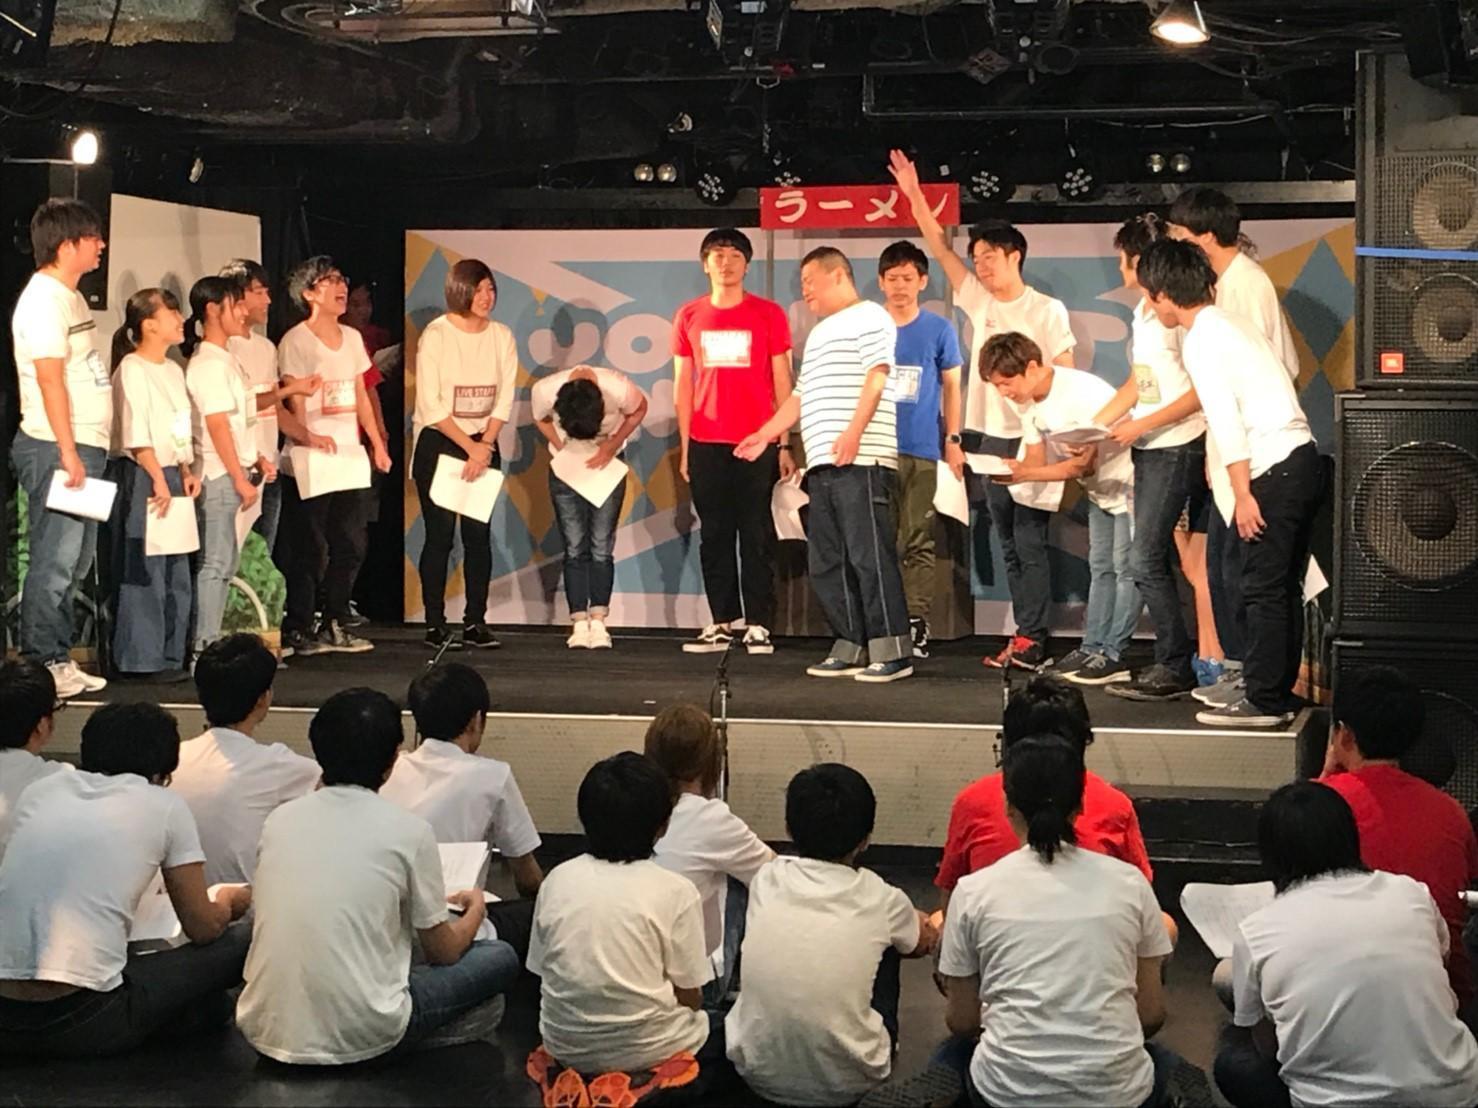 http://news.yoshimoto.co.jp/20181006174638-8219265ec276d7f86cd329ee38b4b0f6c313fa5f.jpg